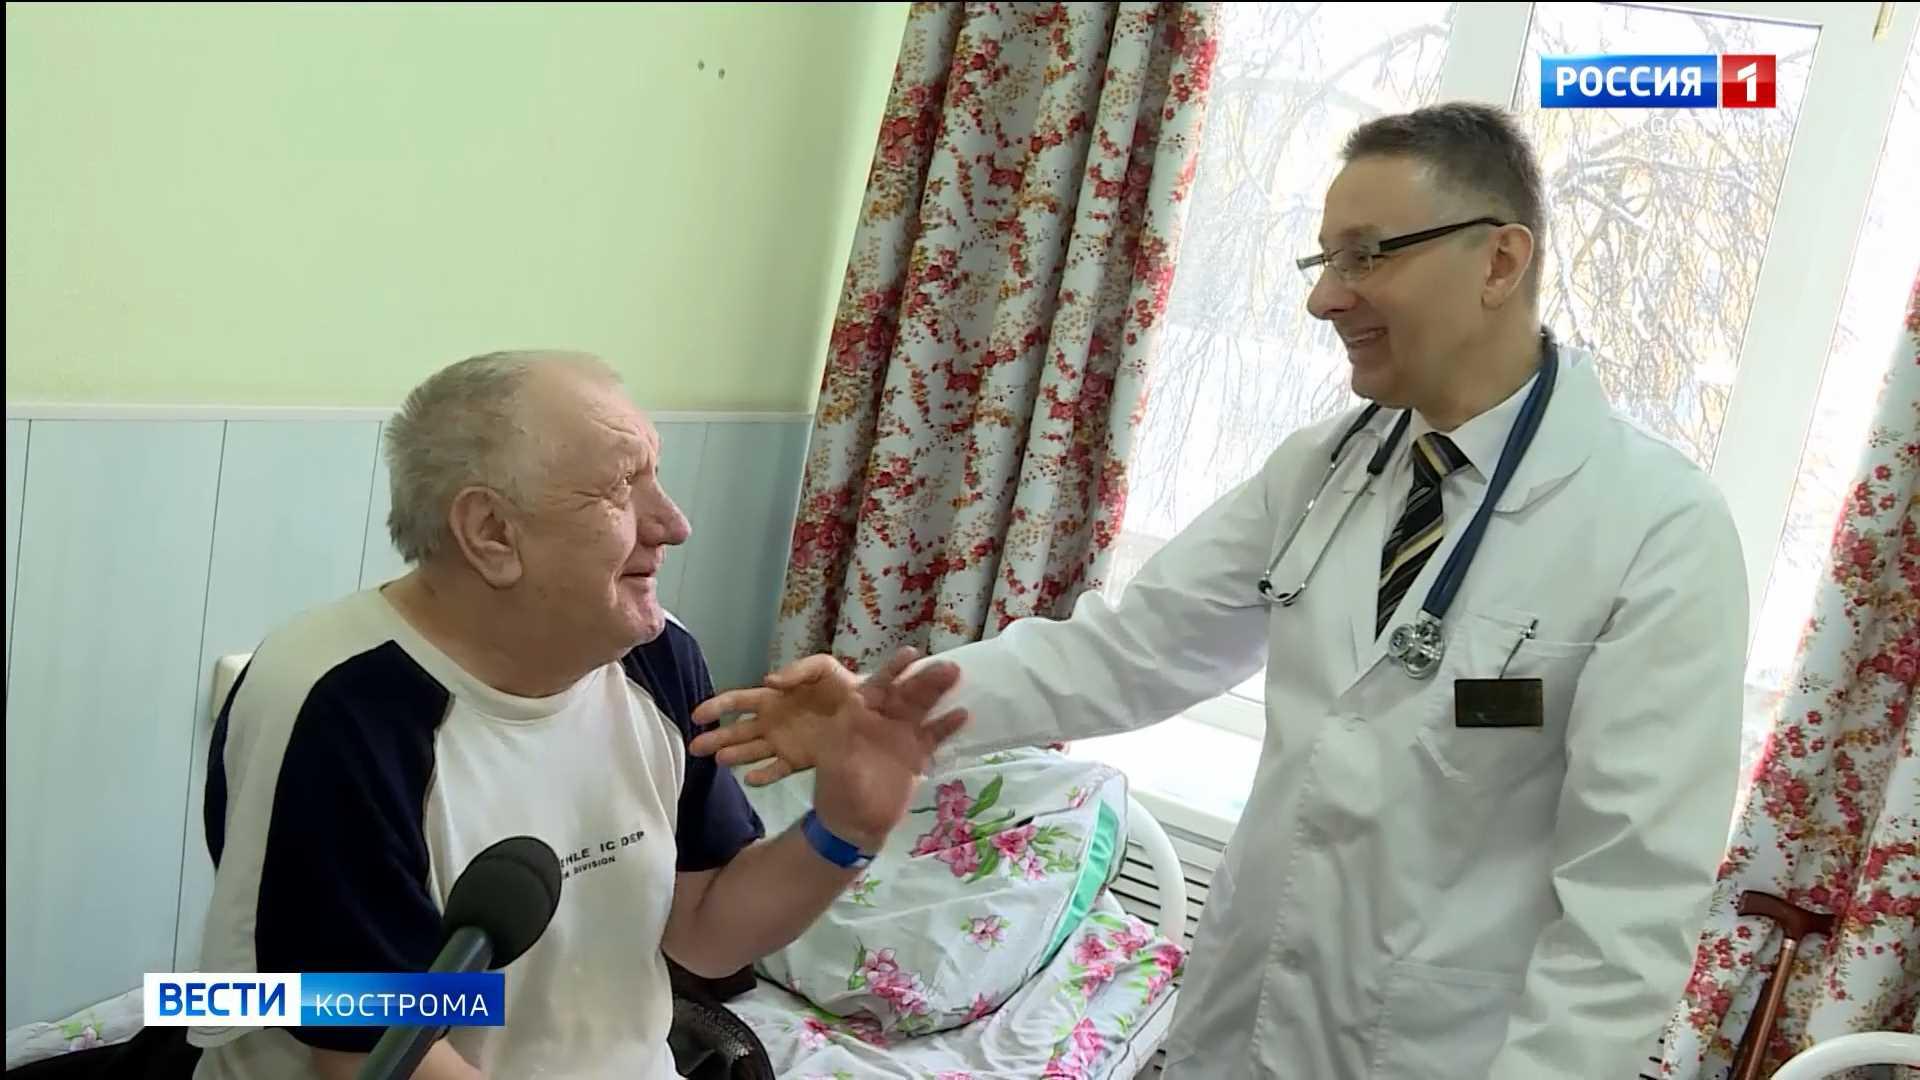 Госпиталь ветеранов в Костроме возобновил обычную работу